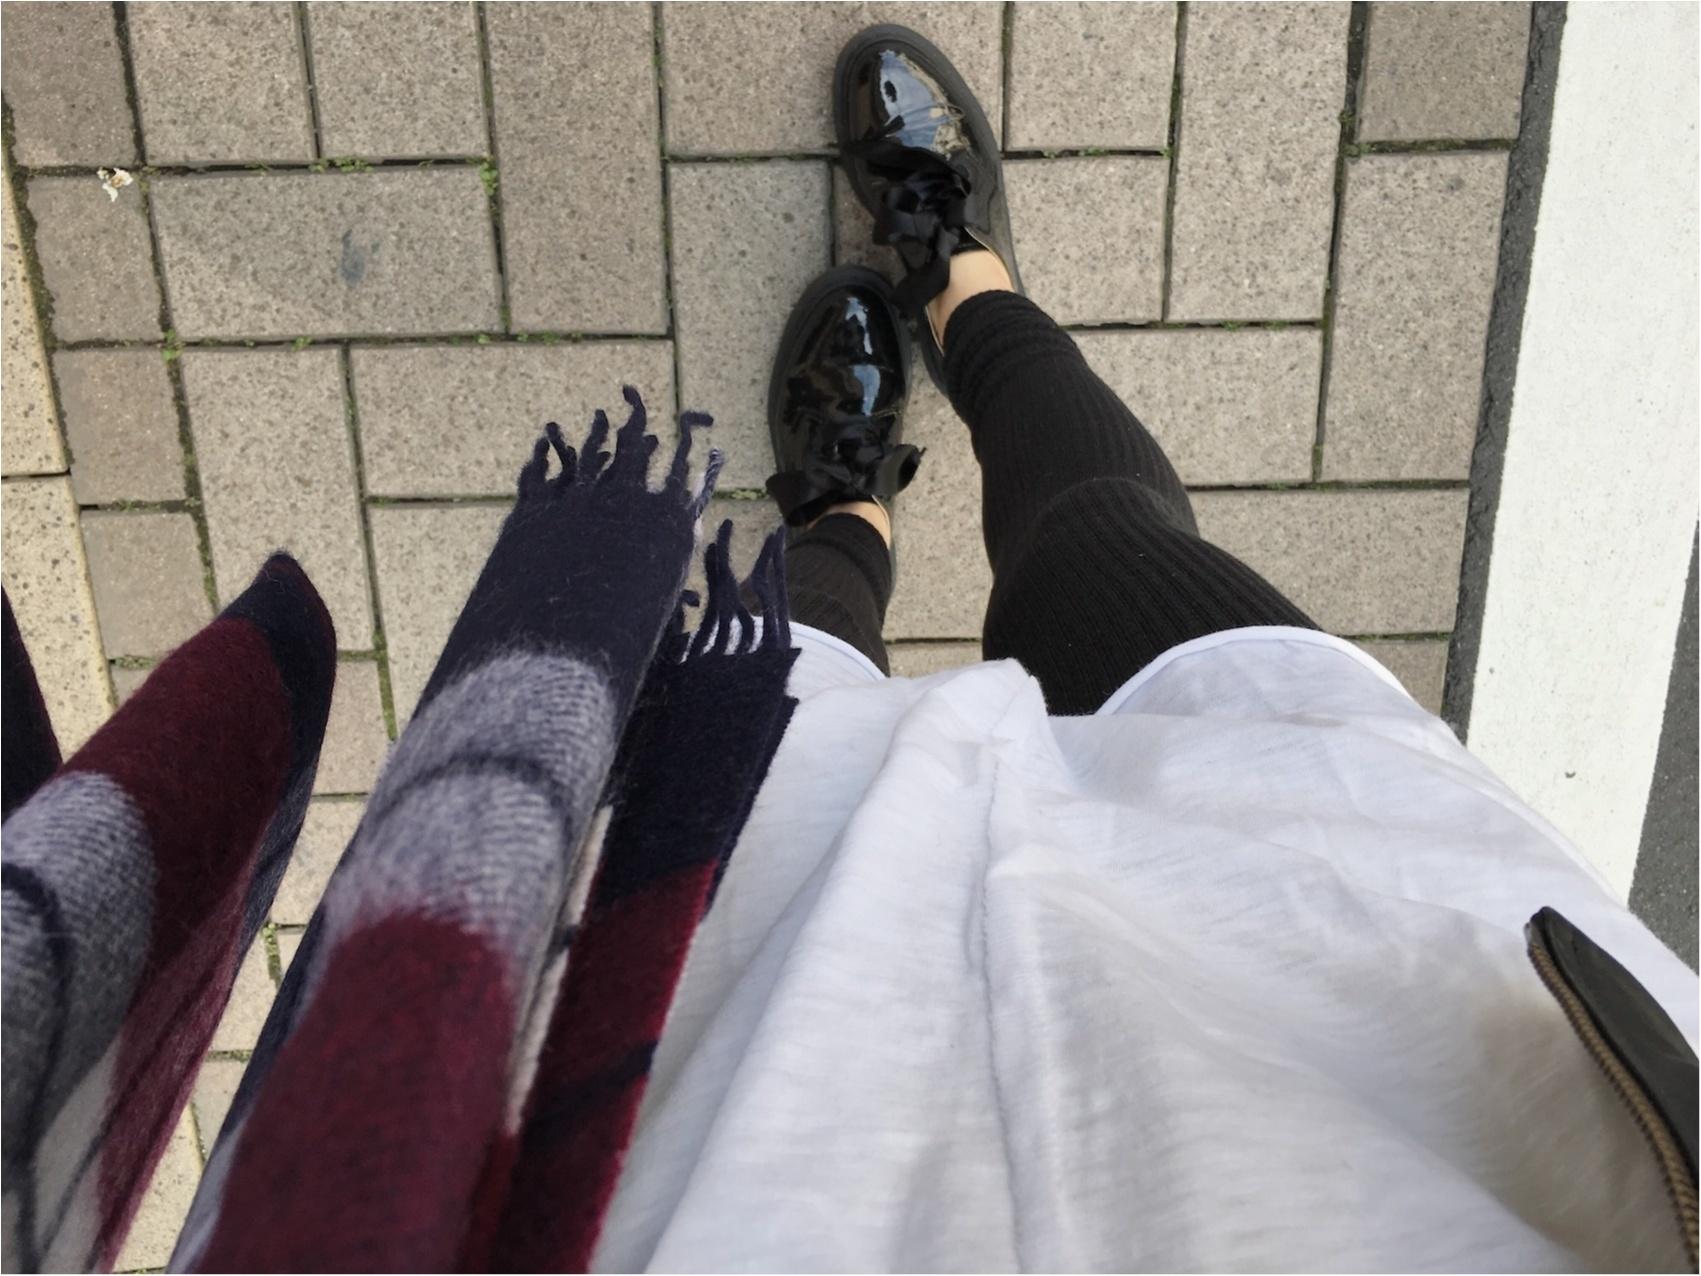 【UNIQLO】お洒落な人はみんな履いてる!《ヒートテックニットレギンス》脚長効果も?!_4